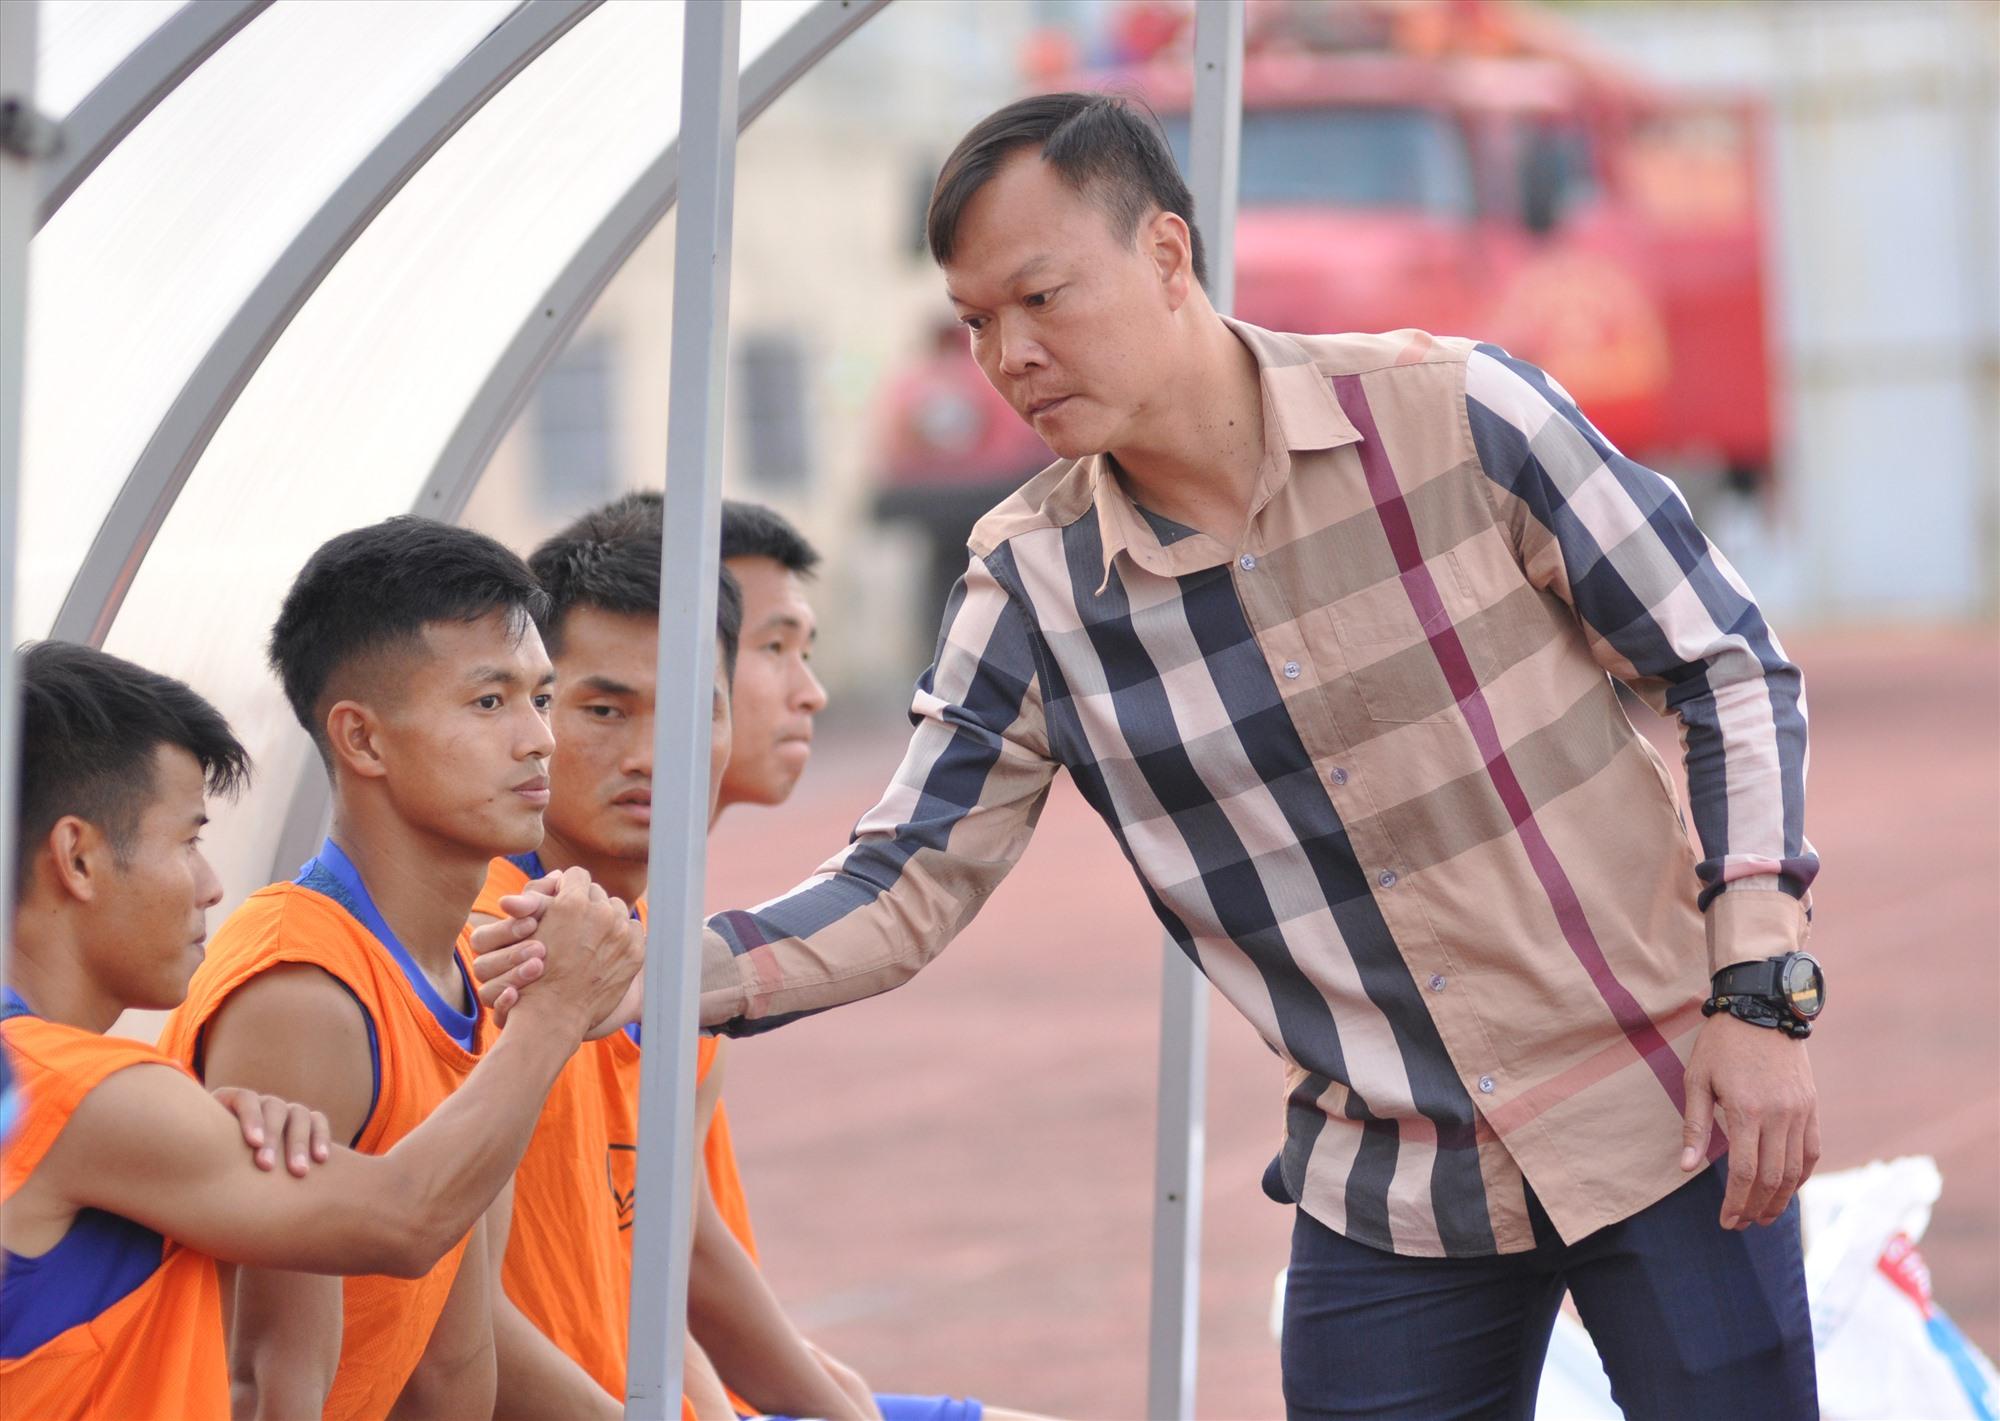 HLV Dương Hồng Sơn cùng các học trò còn nhiều việc phải làm trong thời gian tới. Ảnh: A.S